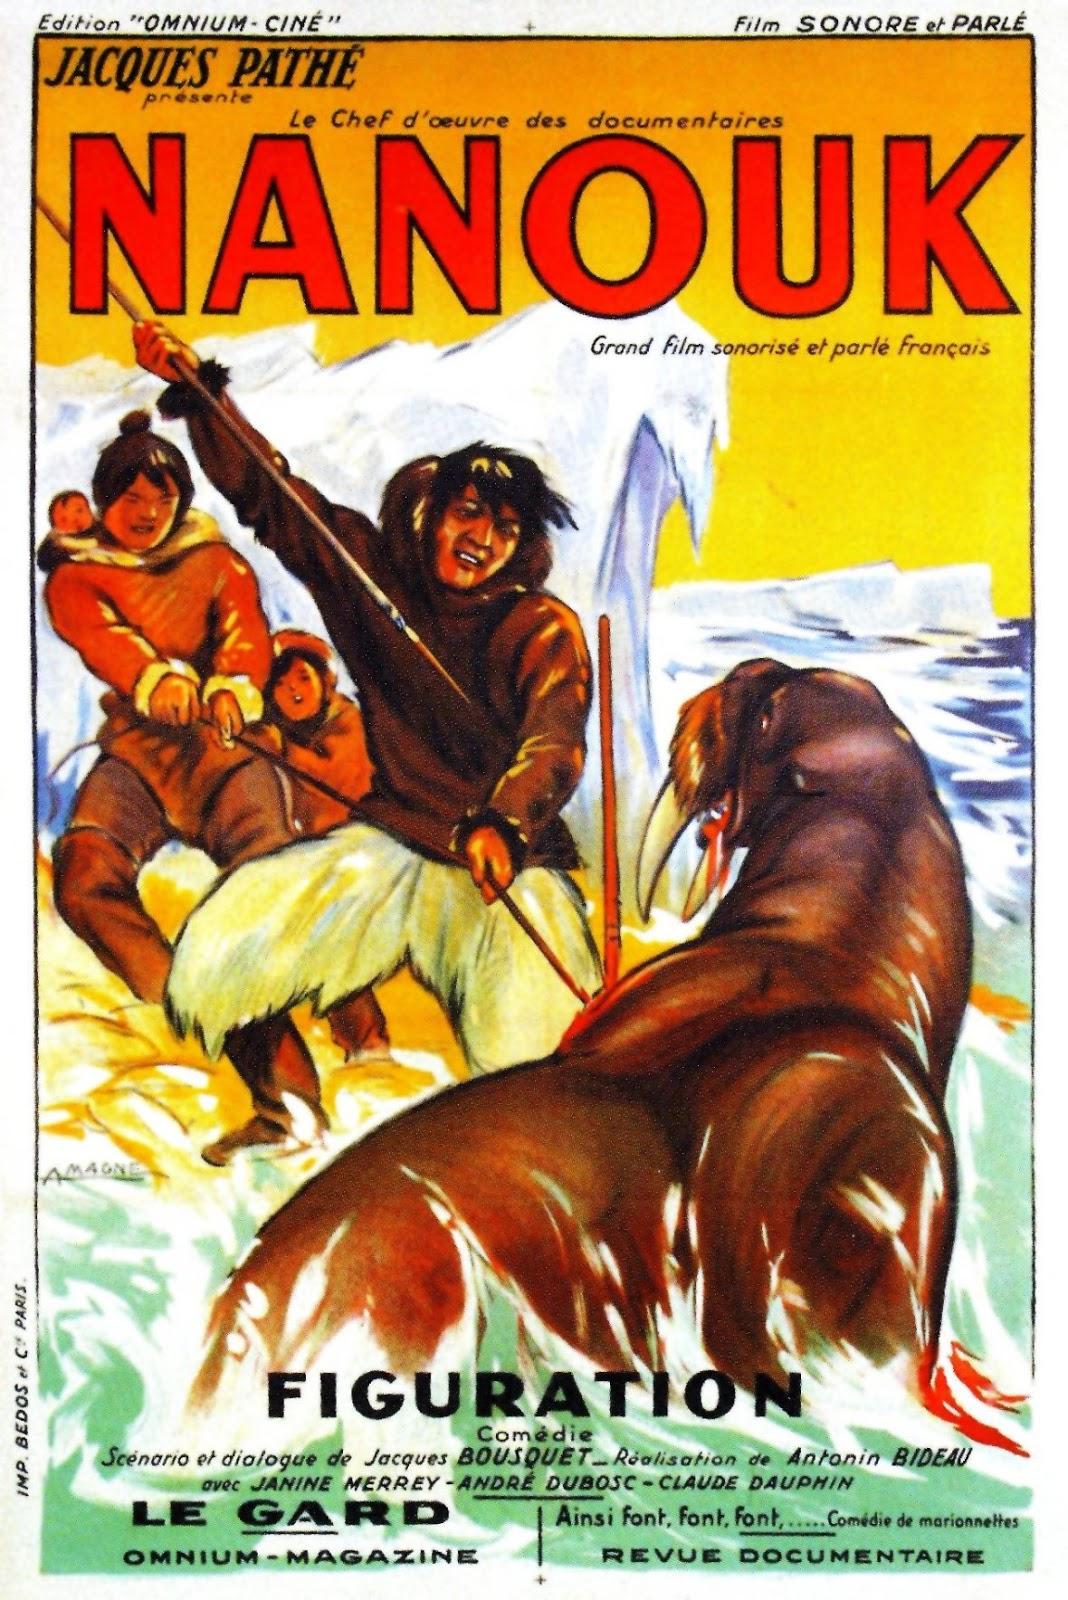 Nanouk Film